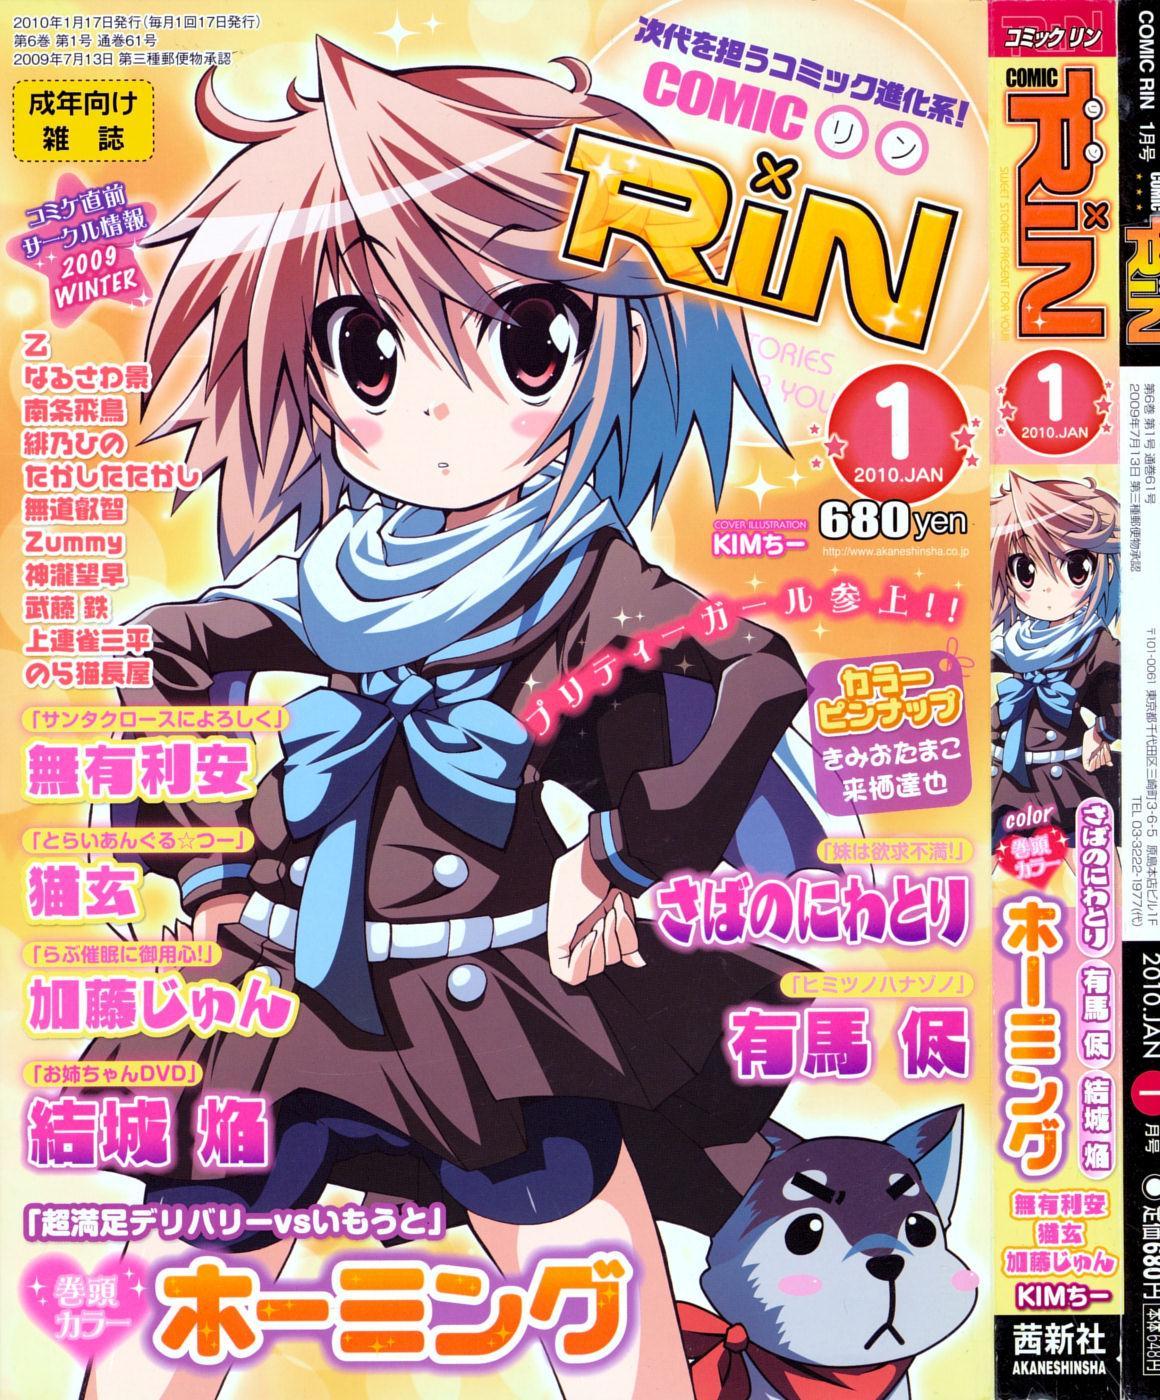 COMIC RiN 2010-01 0